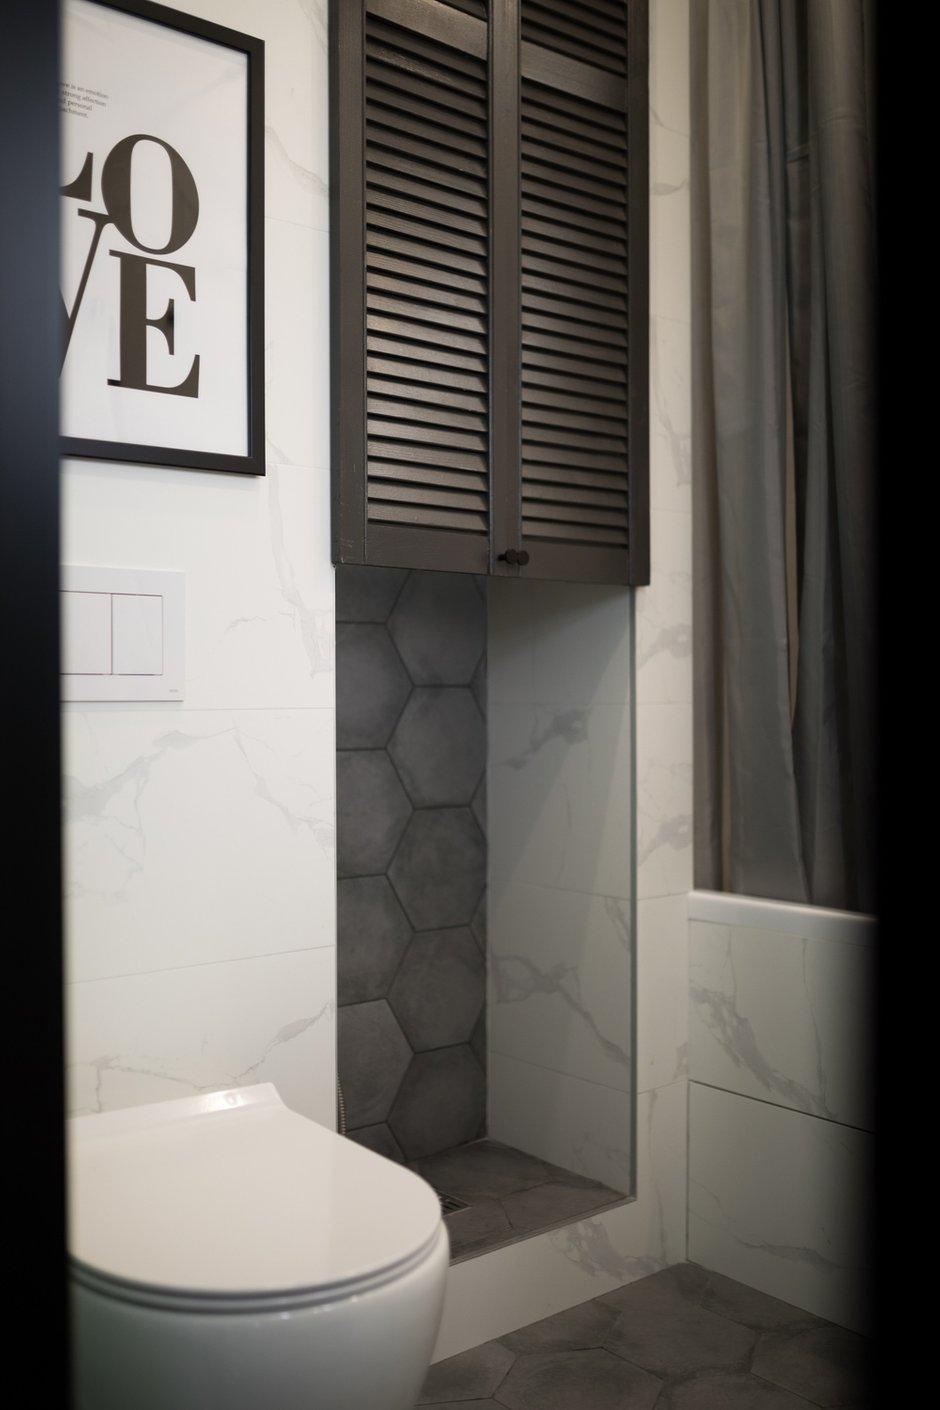 Фотография: Ванная в стиле Современный, Квартира, Проект недели, Санкт-Петербург, 1 комната, до 40 метров, Нина Иваненко – фото на INMYROOM